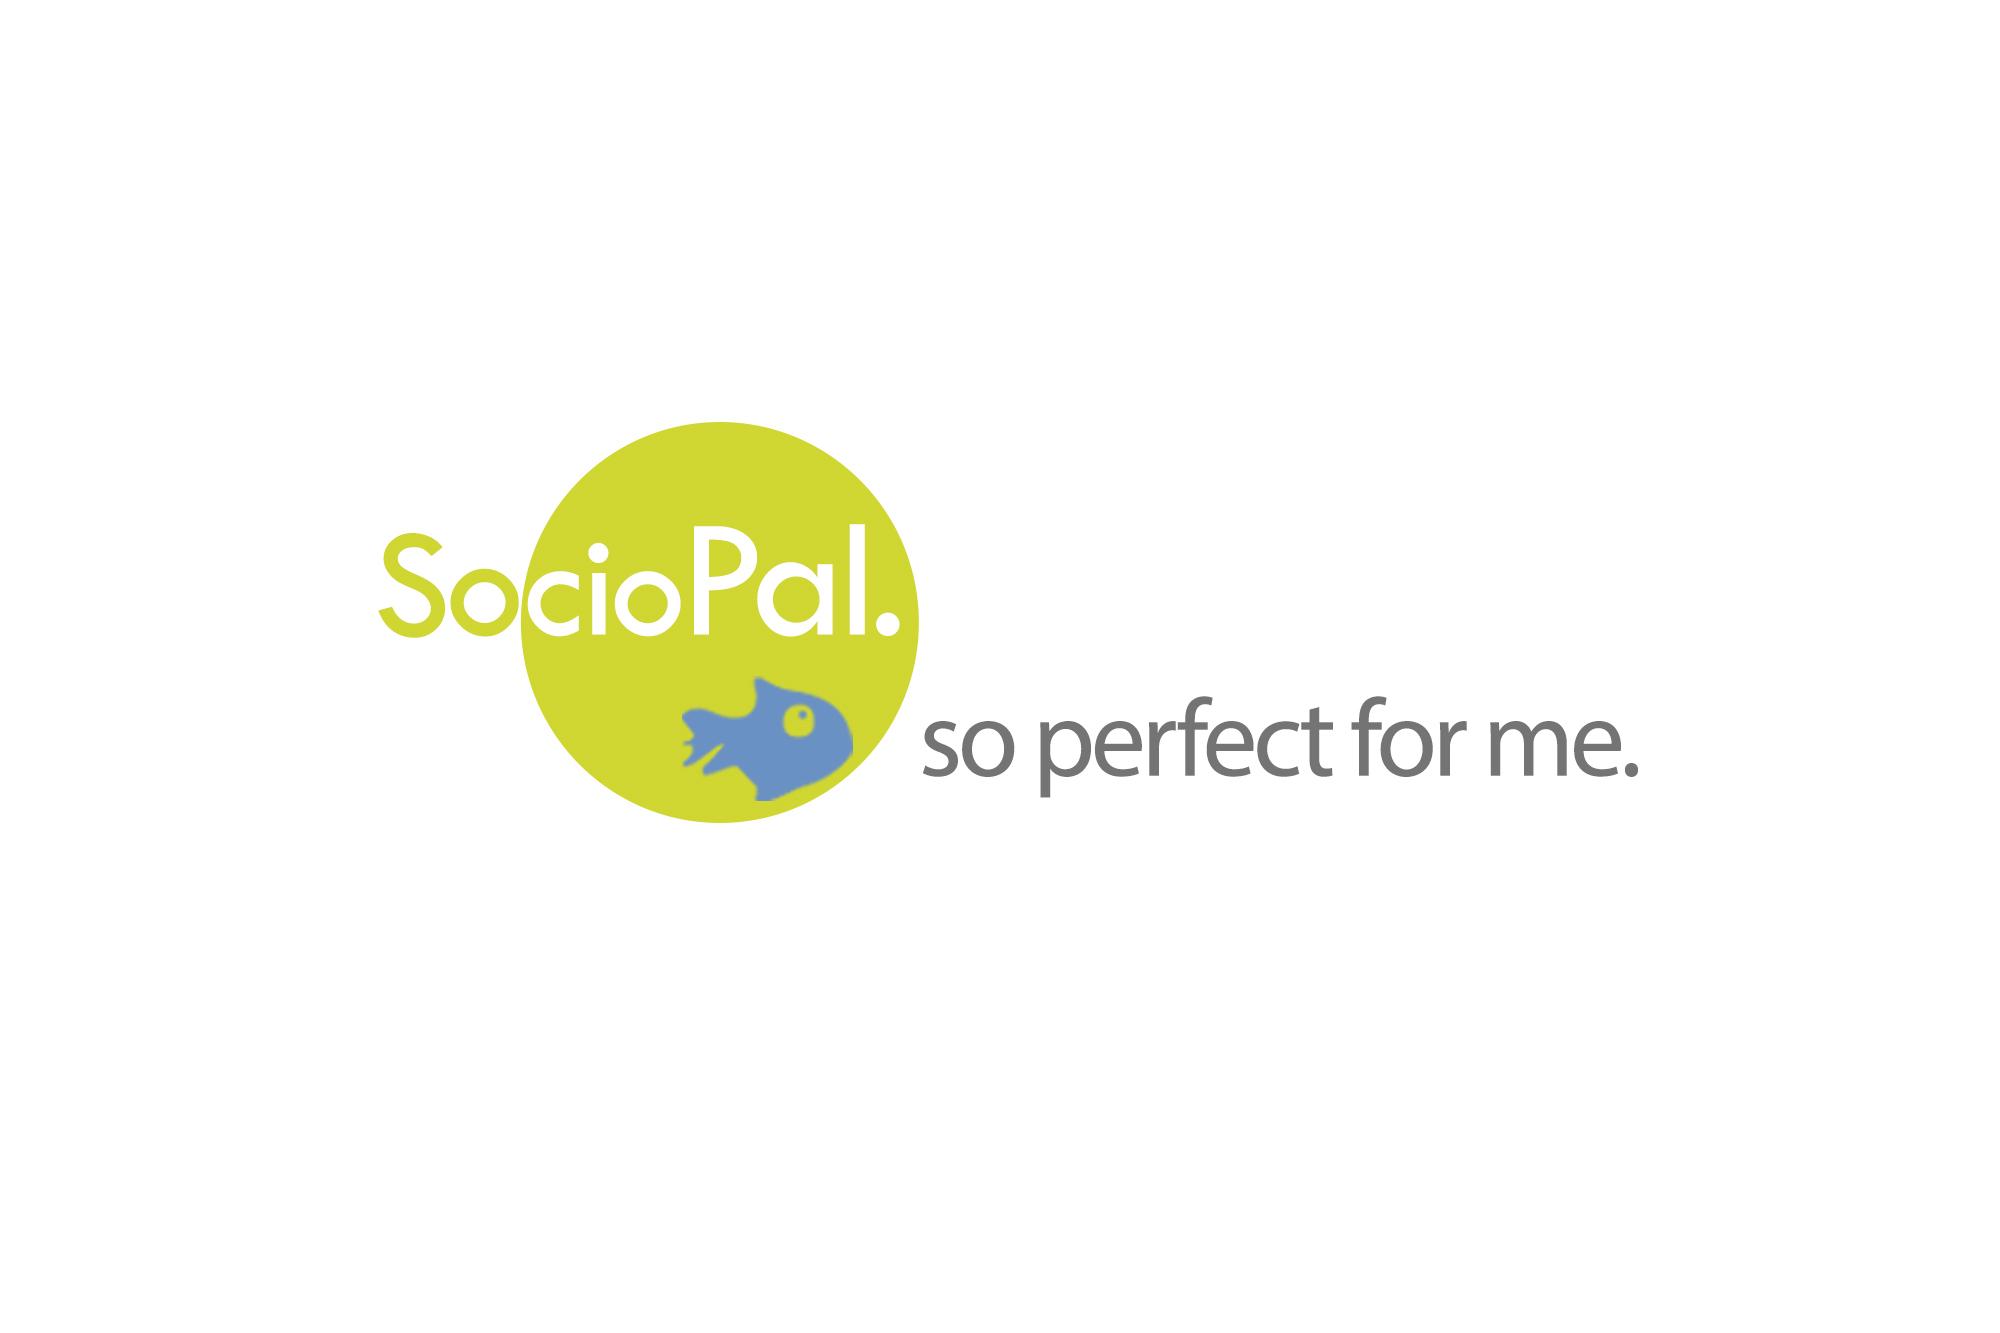 לוגו sociopal